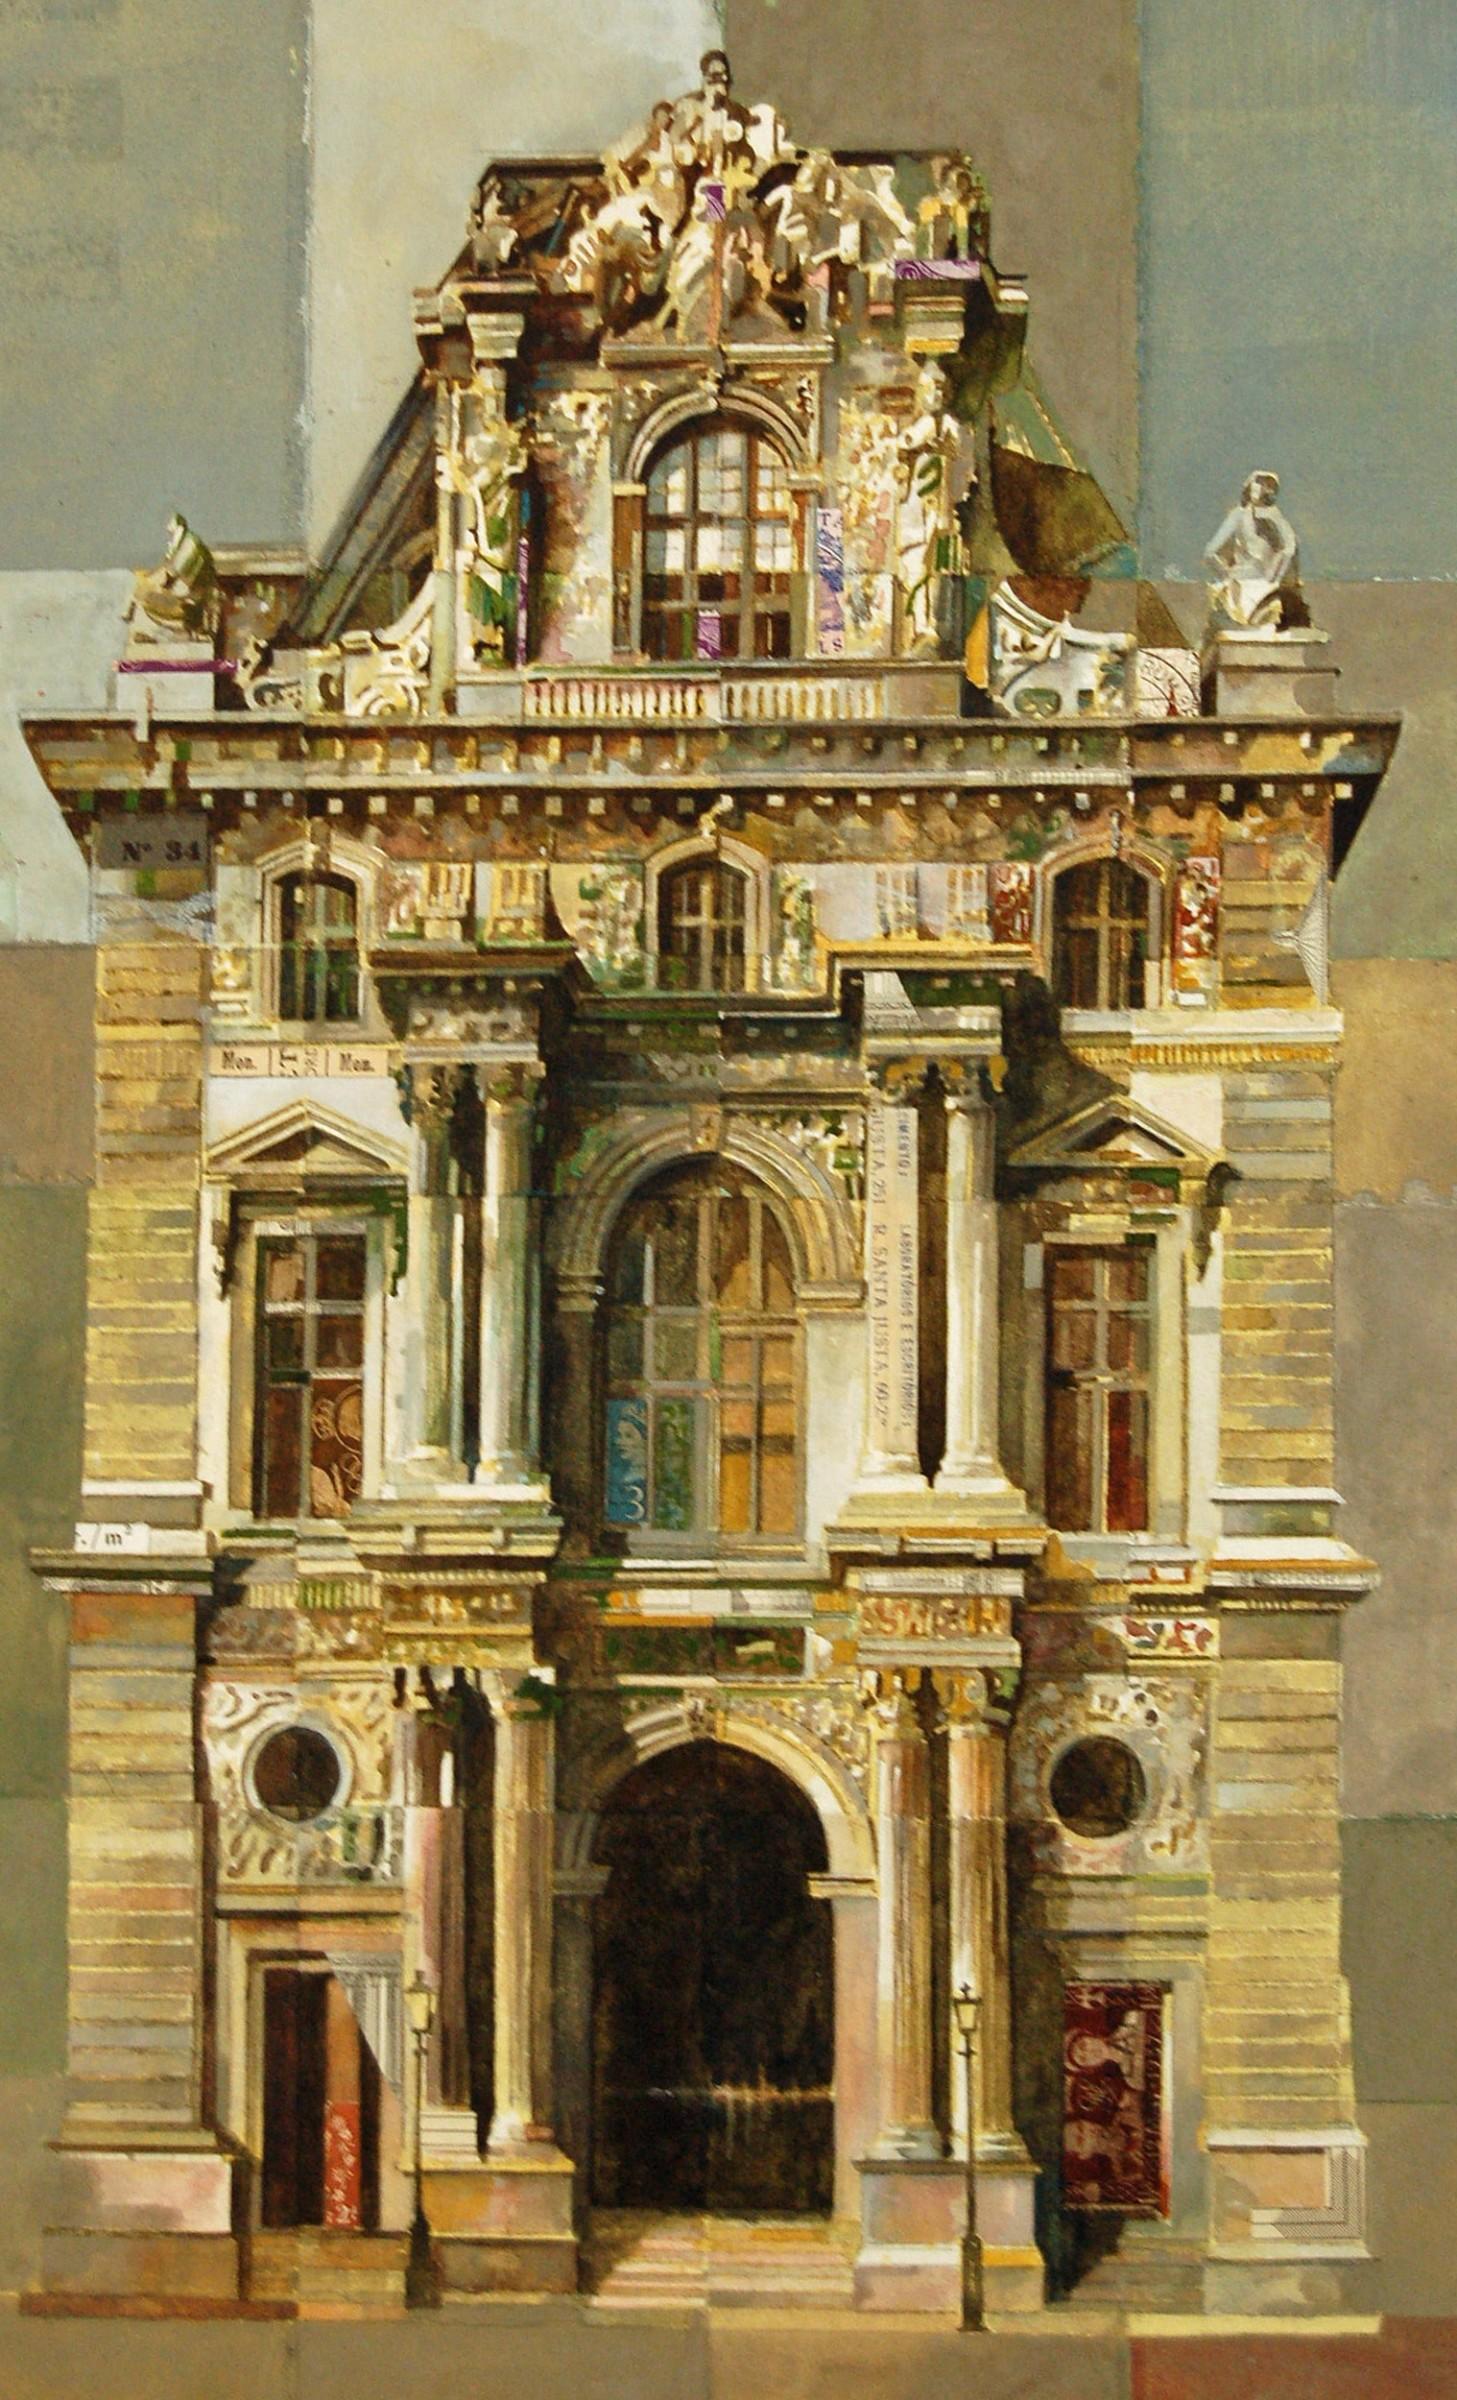 <span class=&#34;link fancybox-details-link&#34;><a href=&#34;/exhibitions/24/works/artworks_standalone10792/&#34;>View Detail Page</a></span><div class=&#34;artist&#34;><span class=&#34;artist&#34;><strong>Stuart Robertson</strong></span></div><div class=&#34;title&#34;><em>Pavillion Turgot Louvre</em></div><div class=&#34;medium&#34;>watercolour, gouache & collage</div><div class=&#34;dimensions&#34;>70x60cm</div>